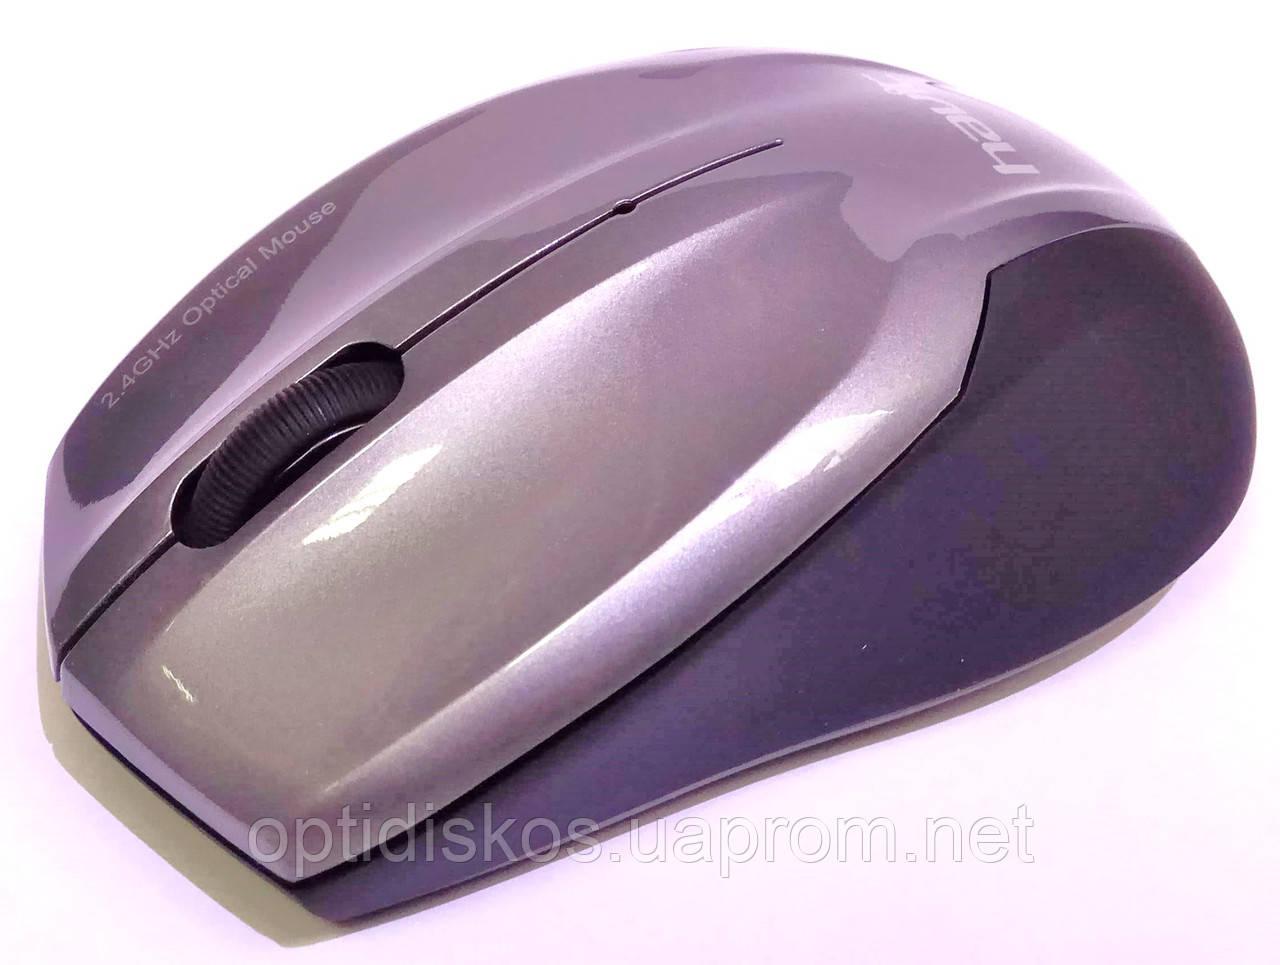 Беспроводная оптическая мышь HAVIT HV-M958GT Wireless USB, серая